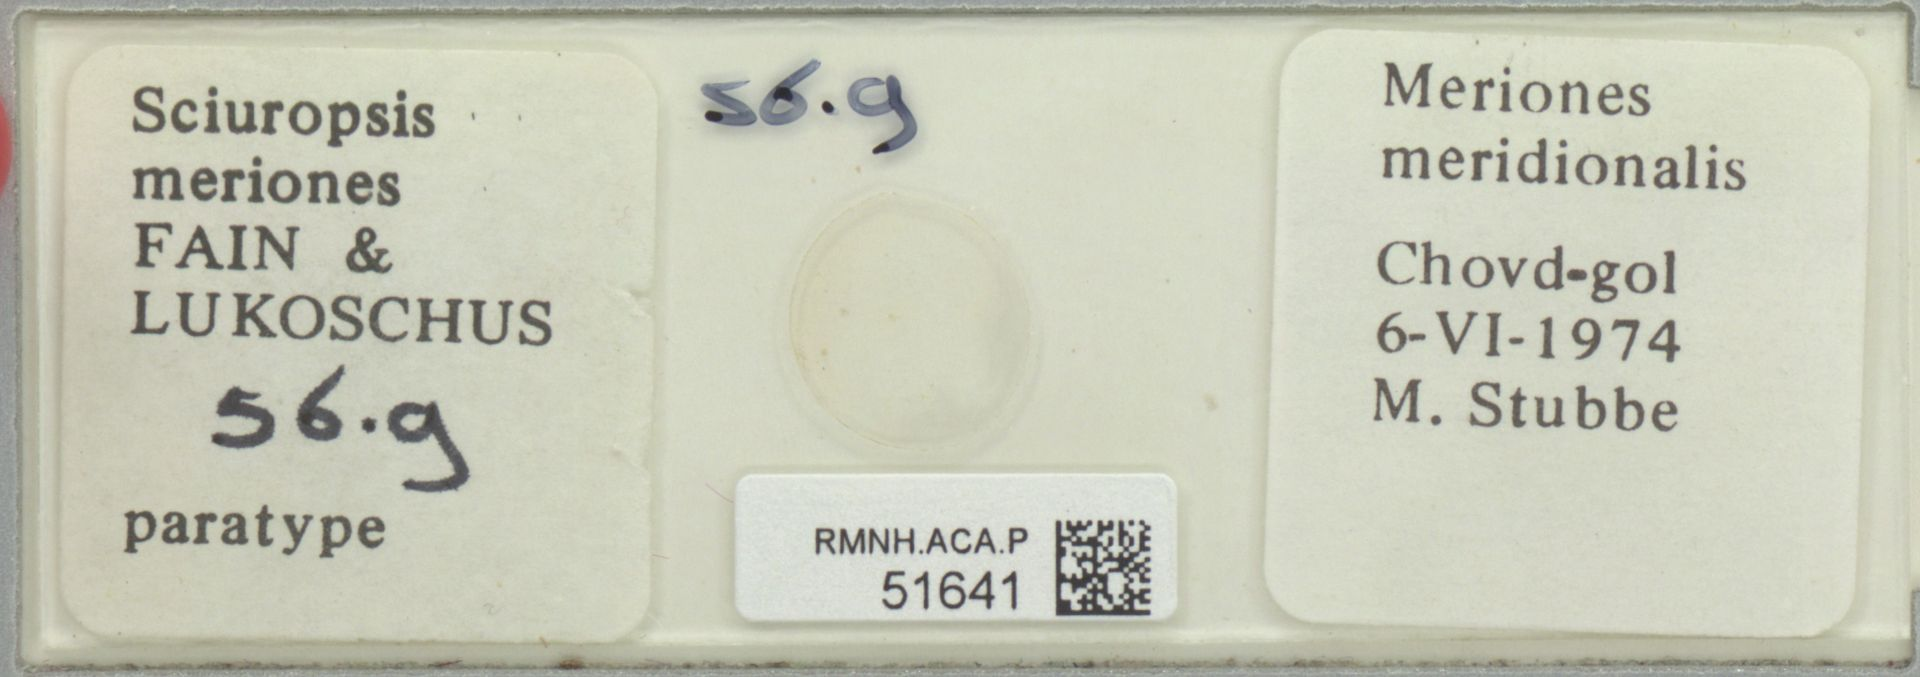 RMNH.ACA.P.51641 | Sciuropsis meriones Fain & Lukoschus